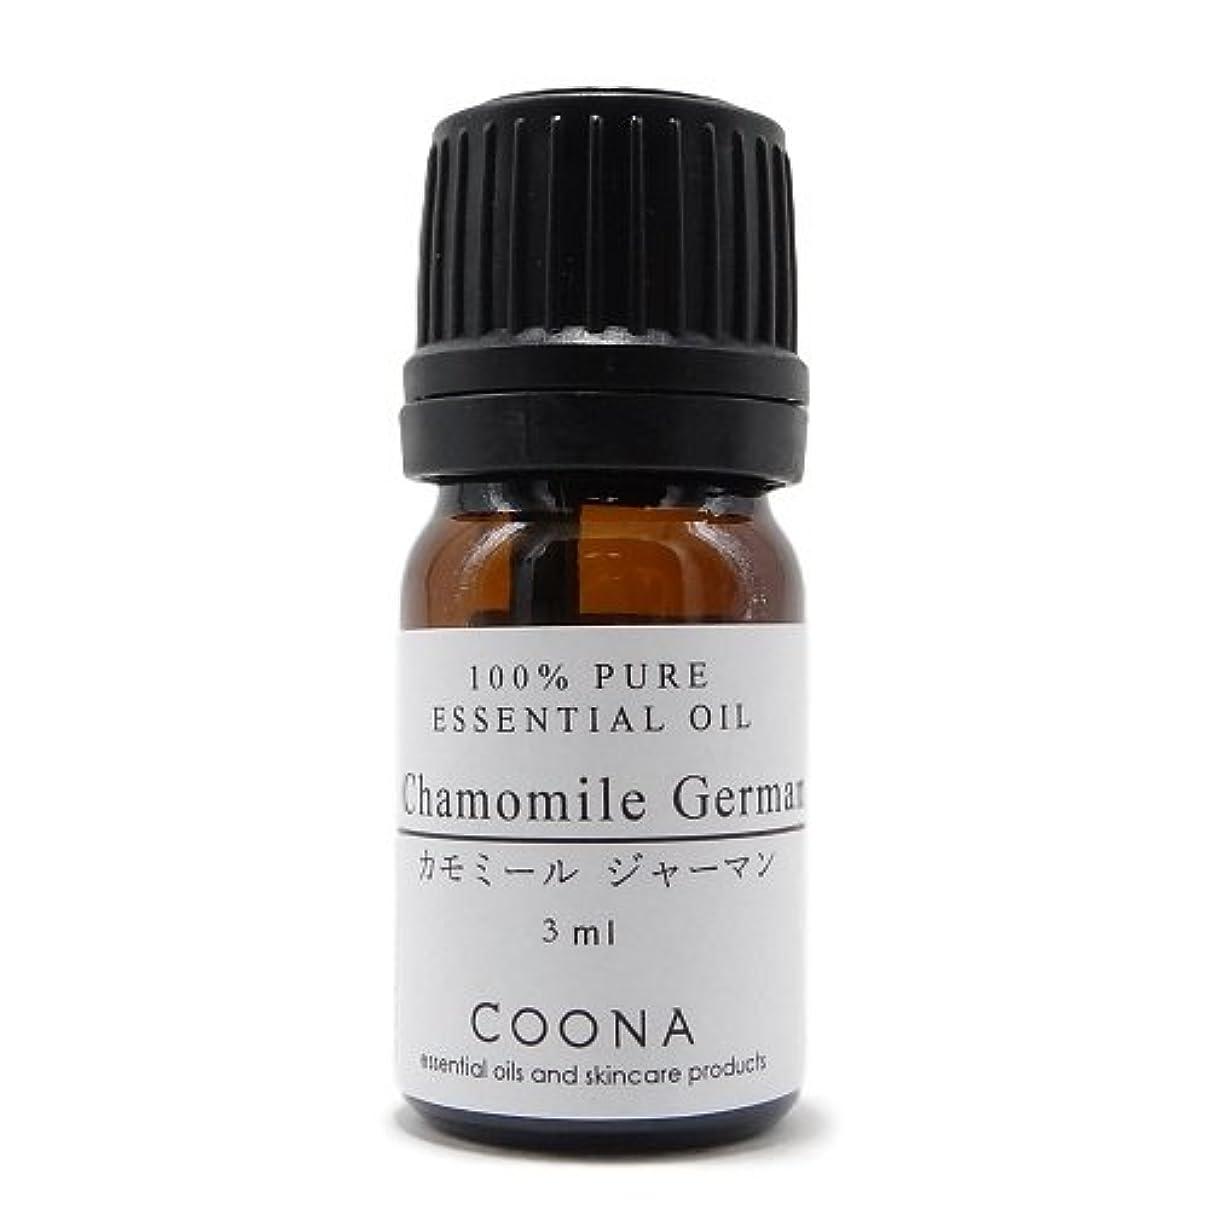 明日おじさんシエスタカモミール ジャーマン 3 ml (COONA エッセンシャルオイル アロマオイル 100% 天然植物精油)